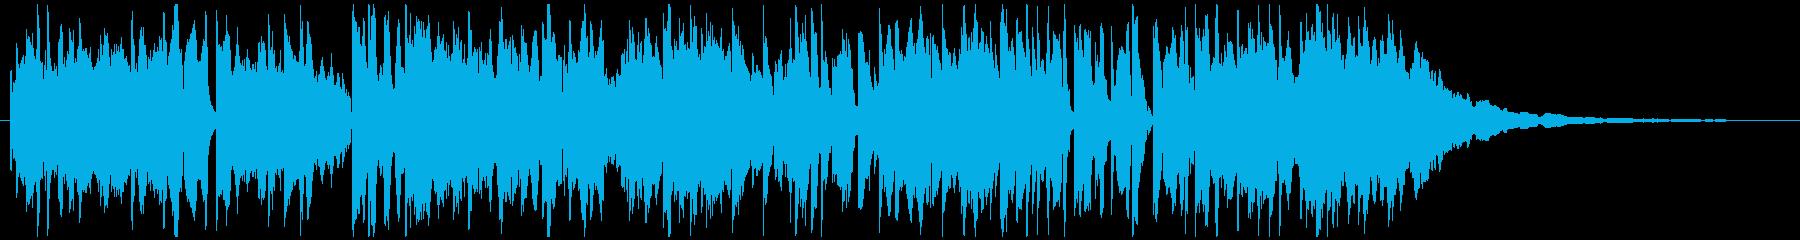 番組インターバル、すき間、ローズピアノの再生済みの波形